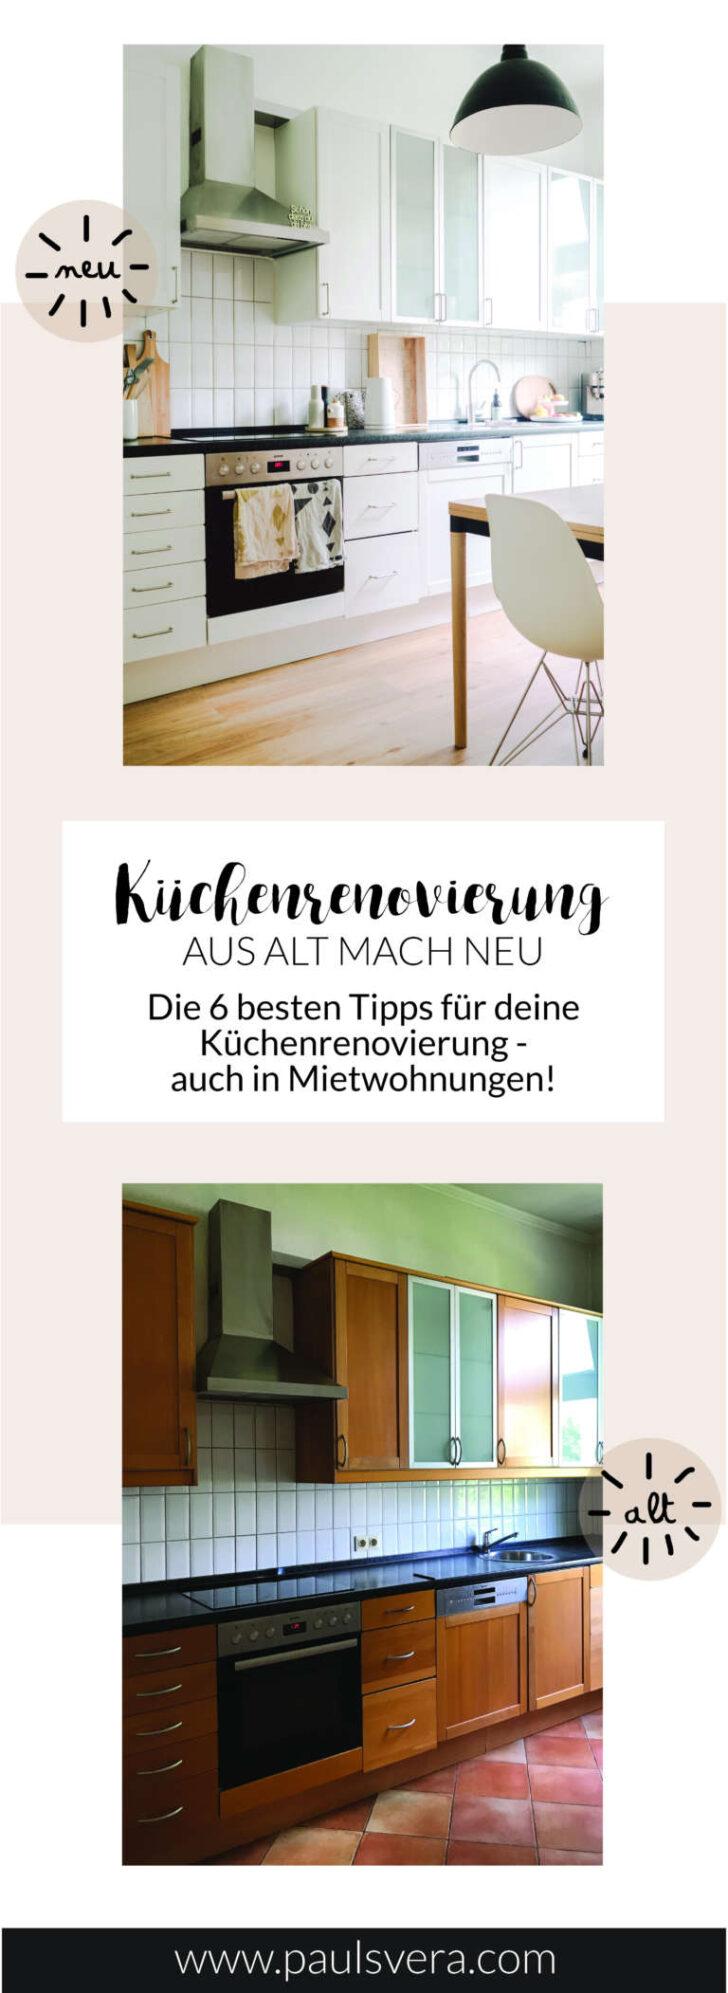 Medium Size of Holzküche Massivholzküche Vollholzküche Wohnzimmer Holzküche Auffrischen